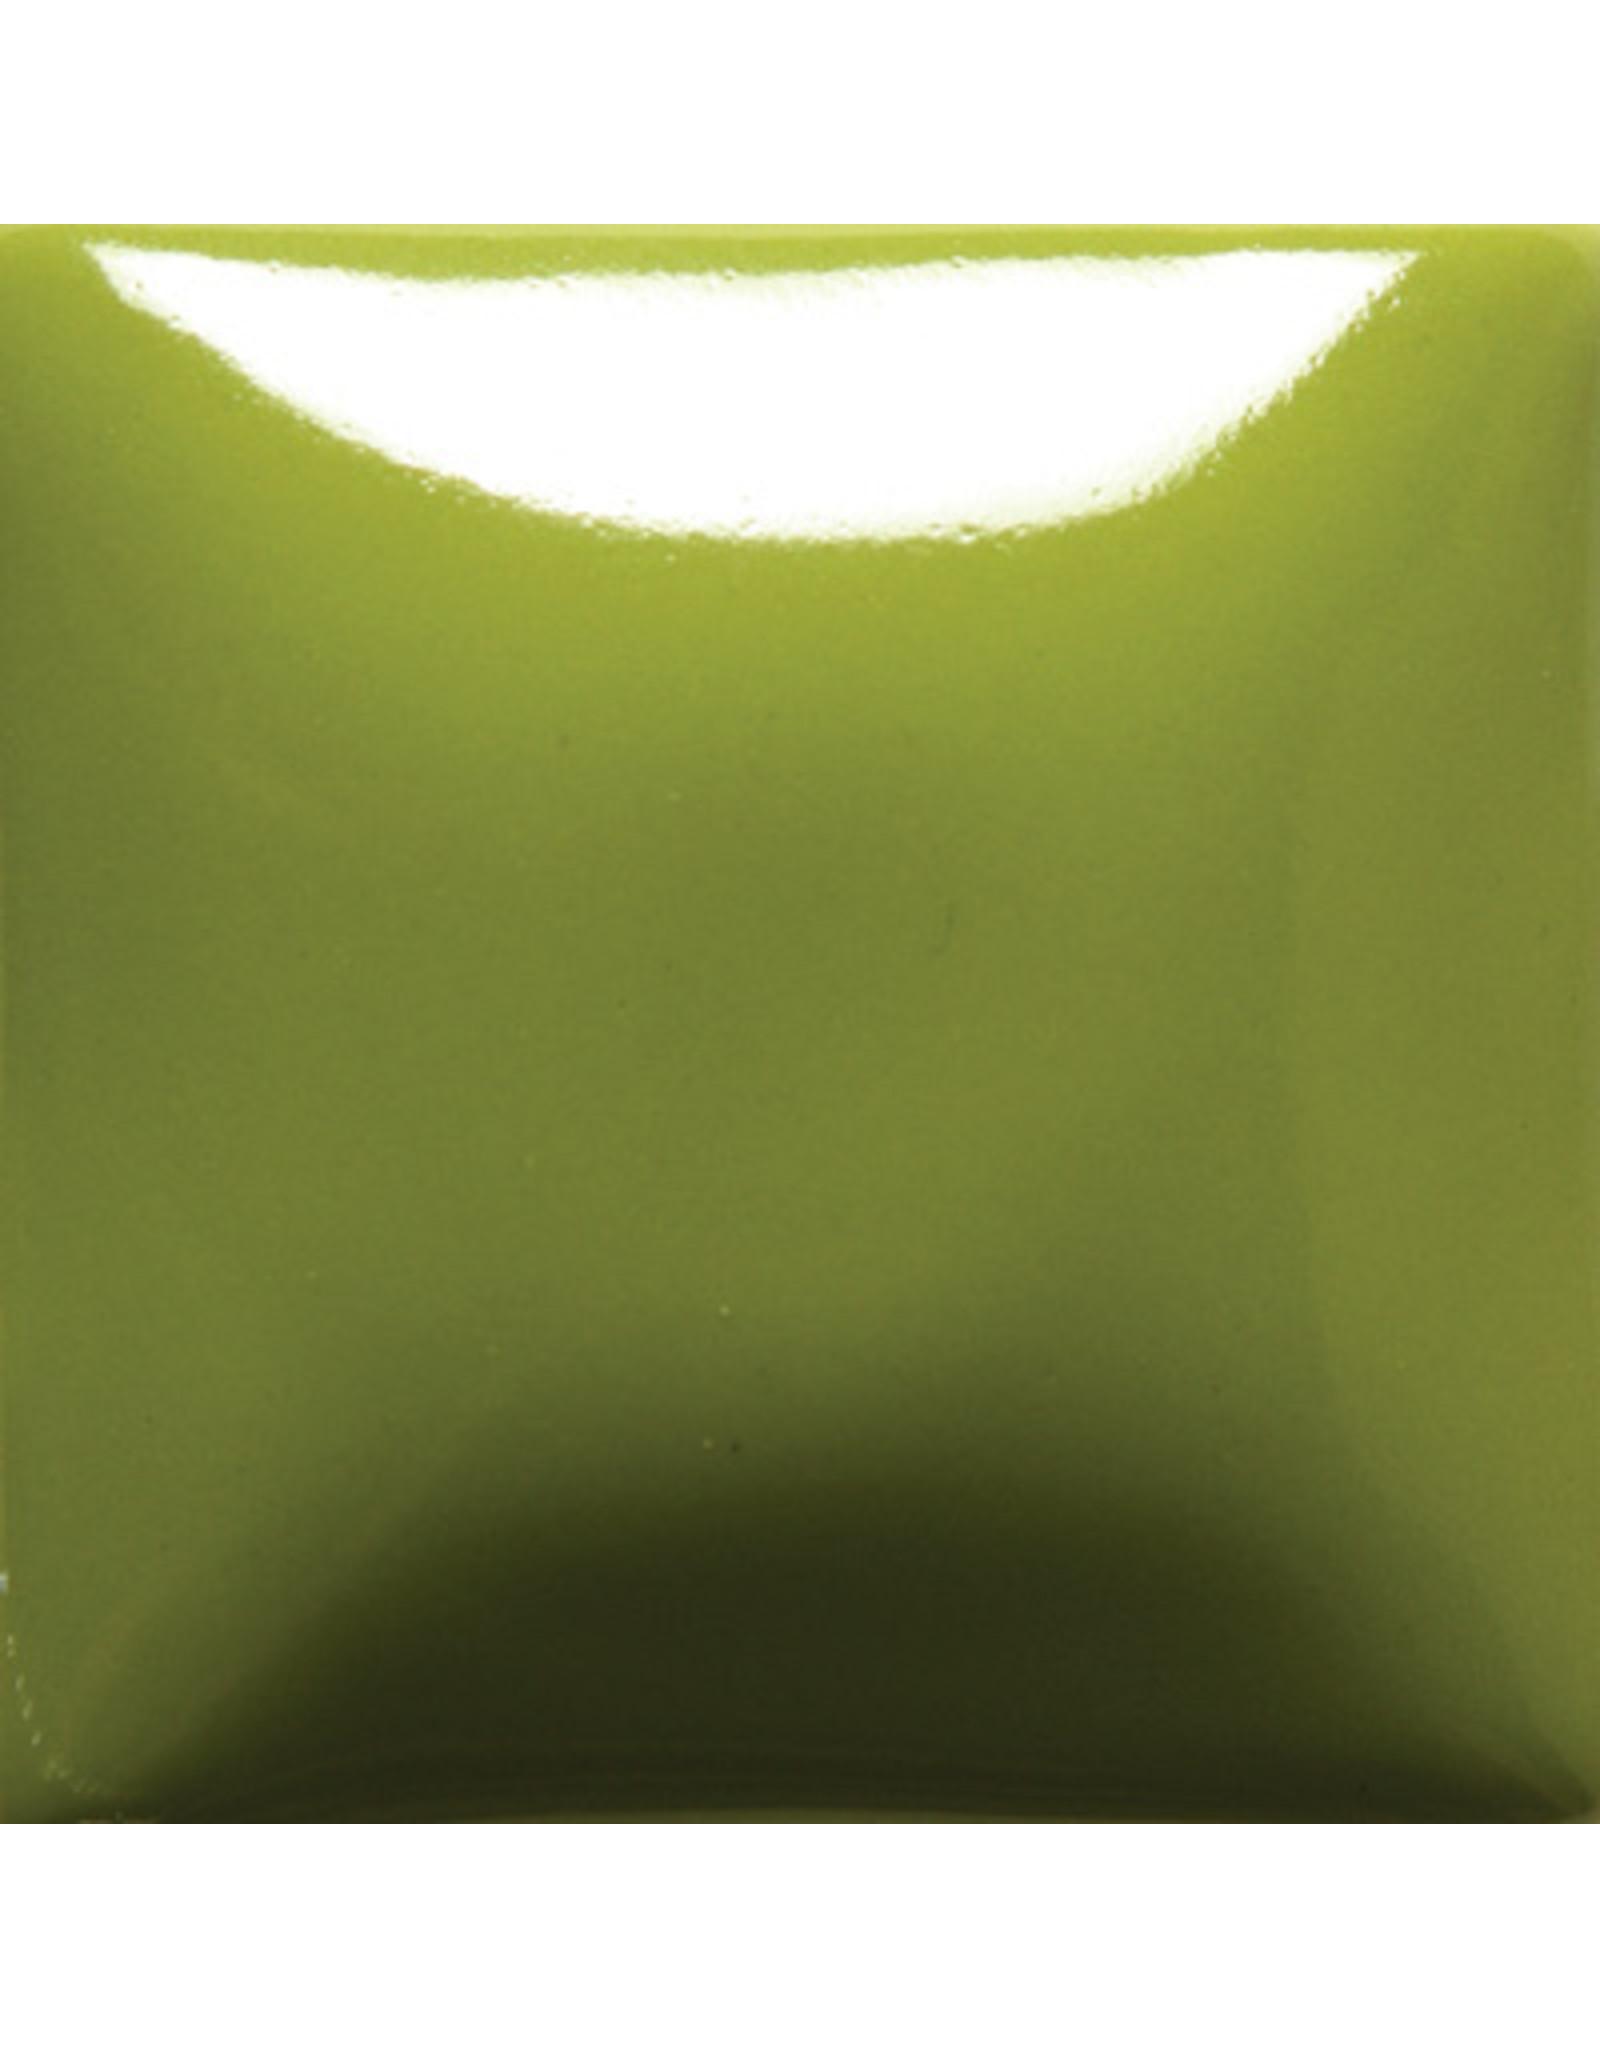 Mayco Mayco Foundations 473ml Green